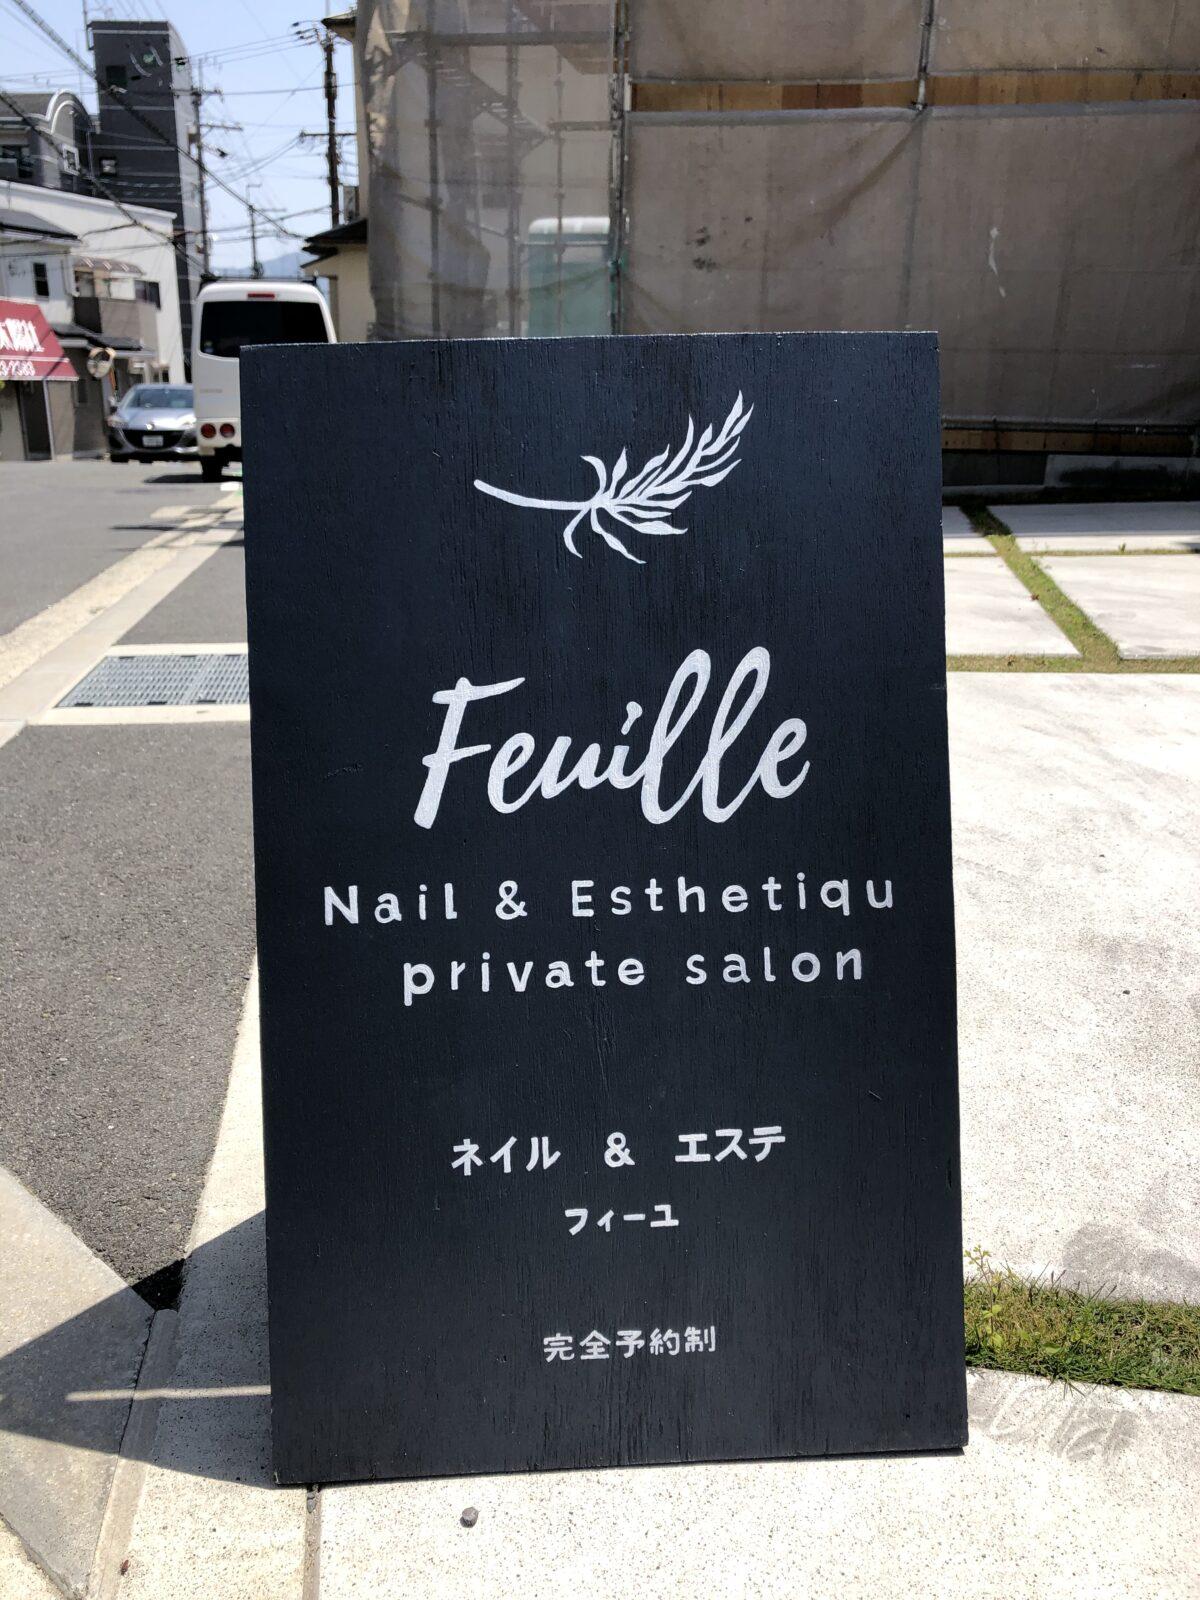 【2021.5/5リニューアル】ネイル・エステ・脱毛の『feuille』がリニューアルするみたい!@富田林市: